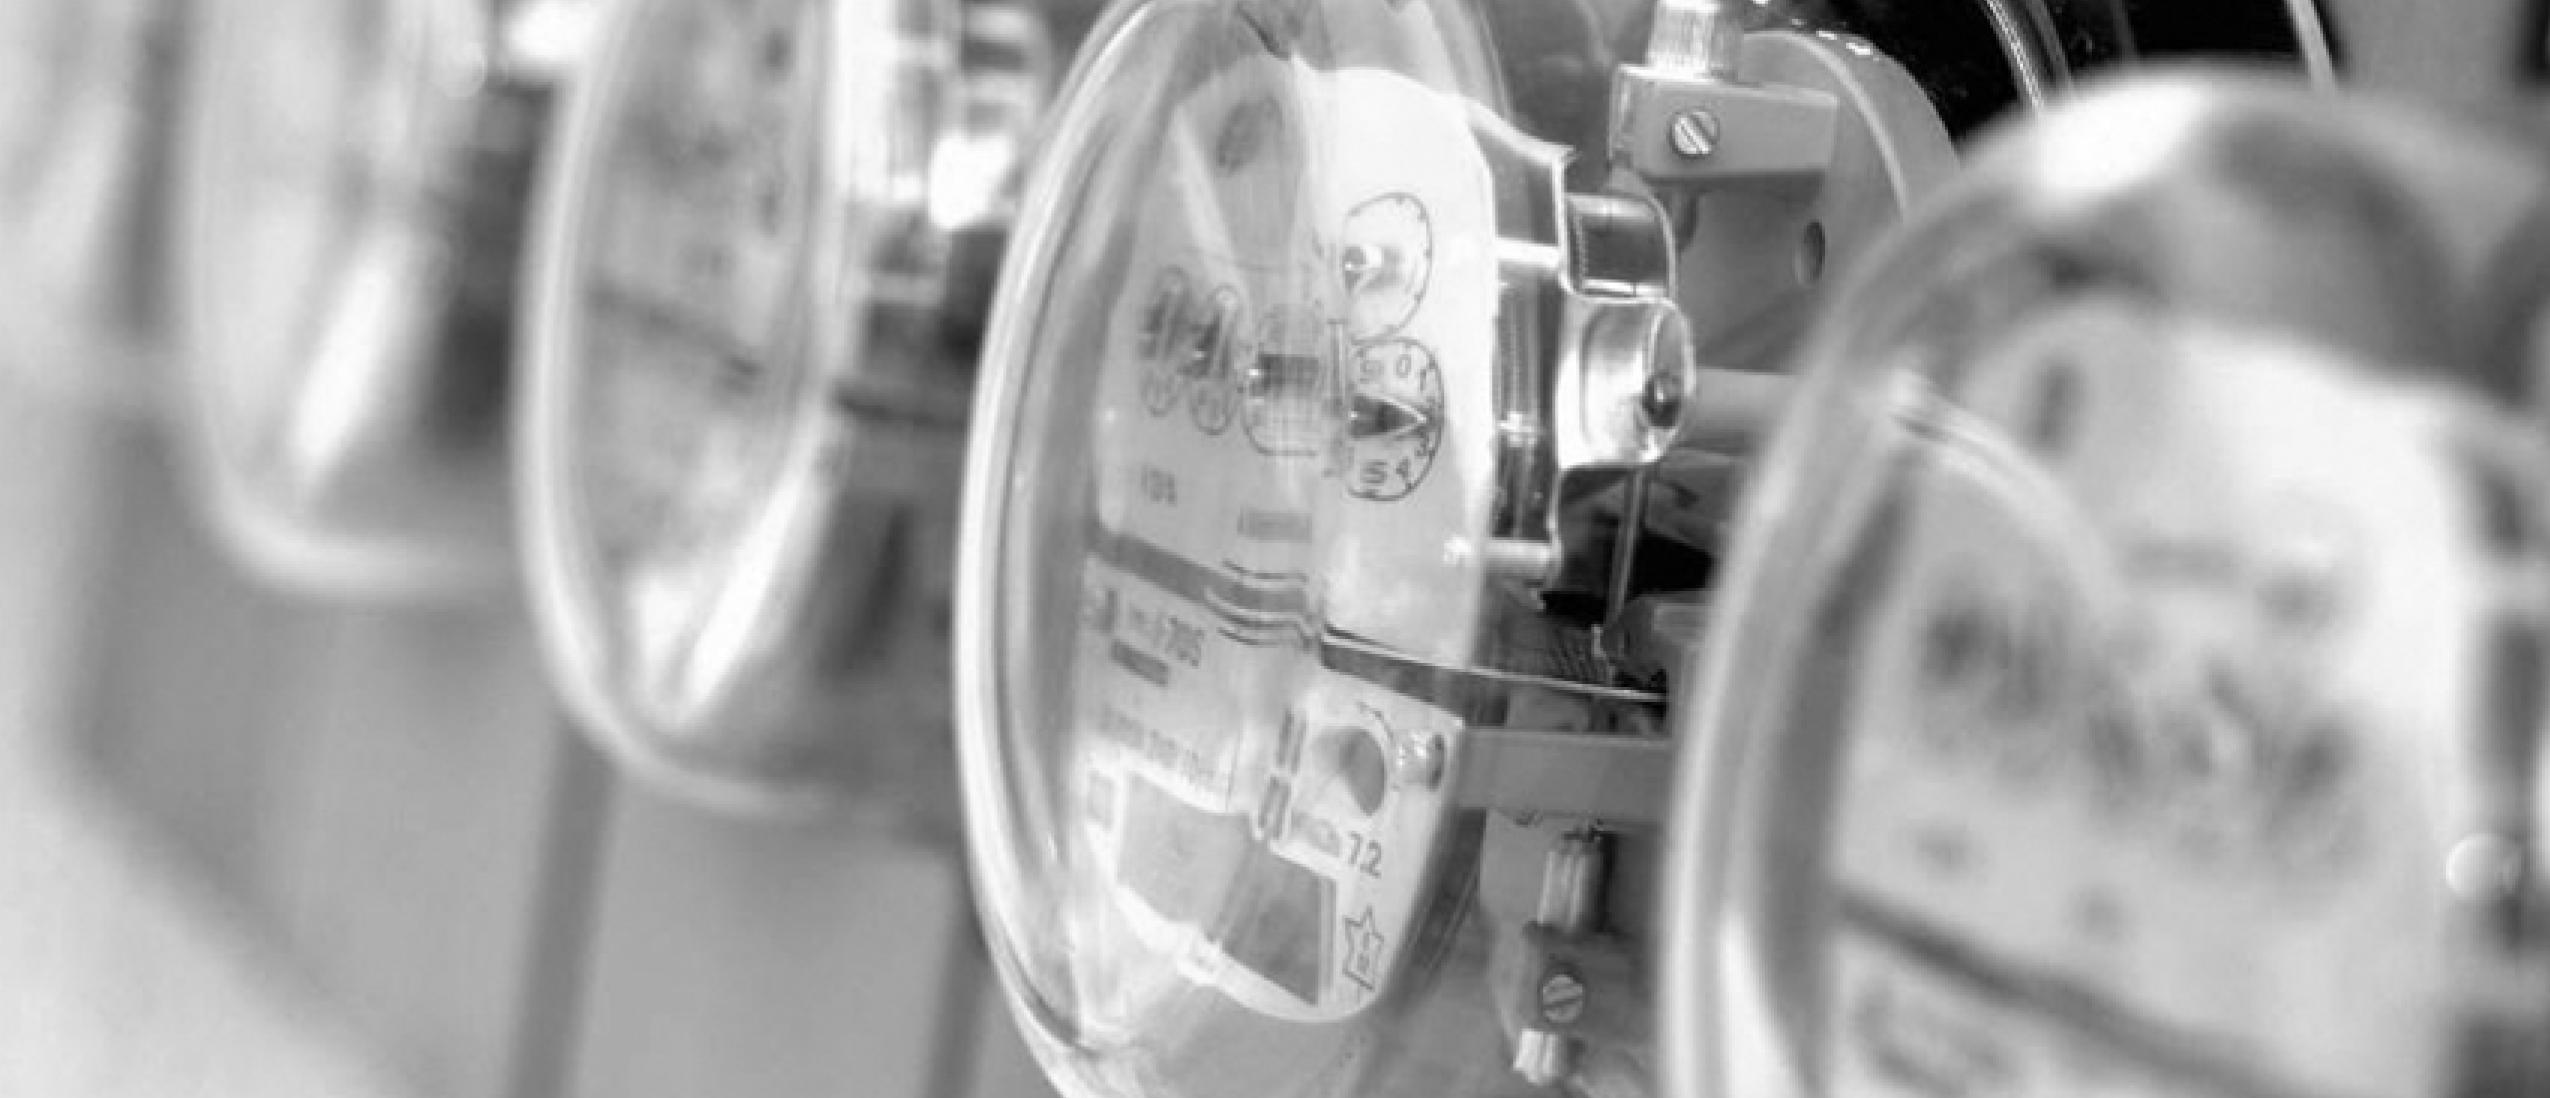 smart meter programme